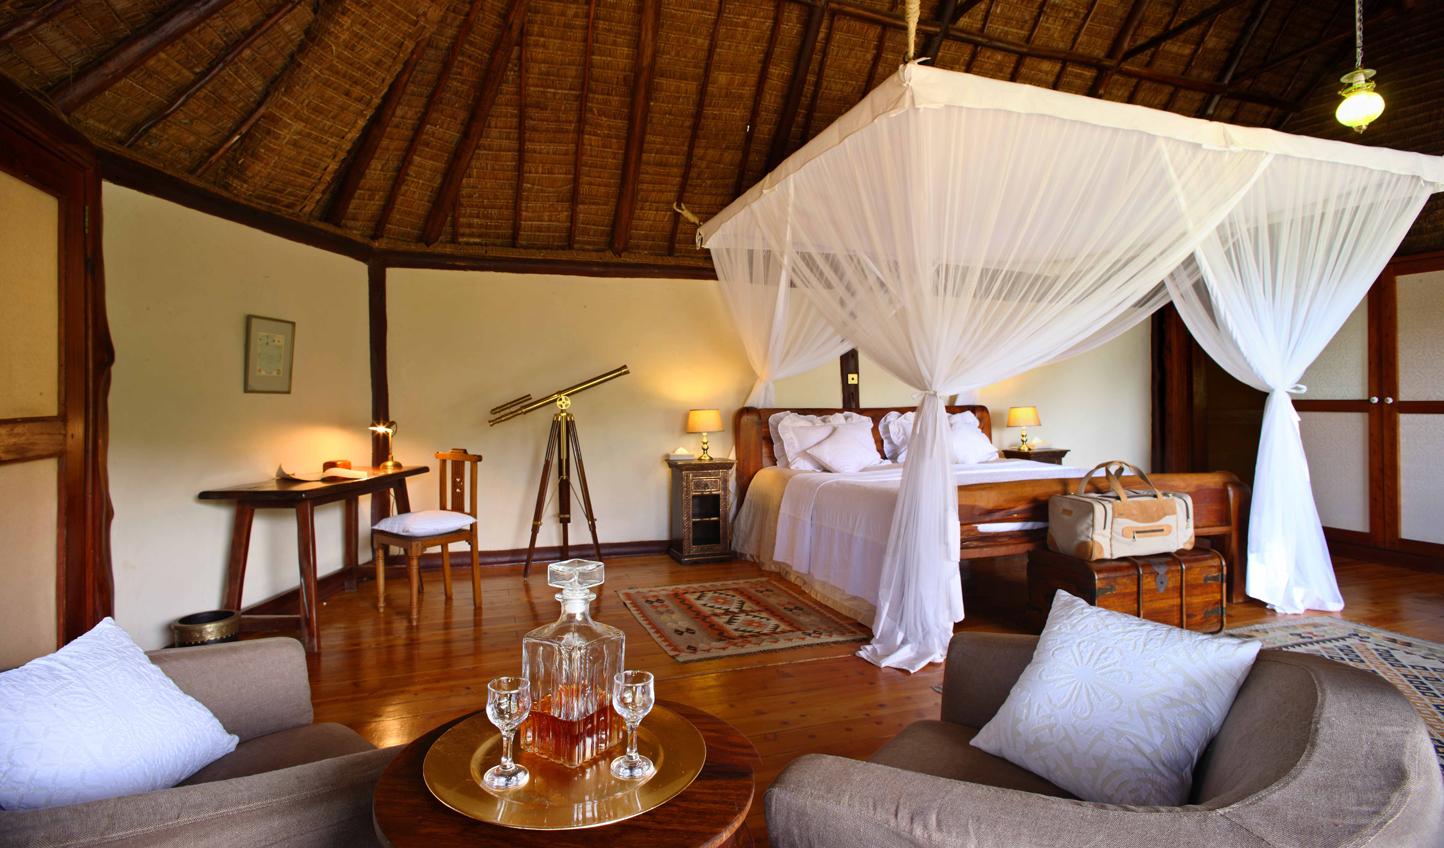 Saruni Mara makes for one luxurious outpost on a Kenyan safari